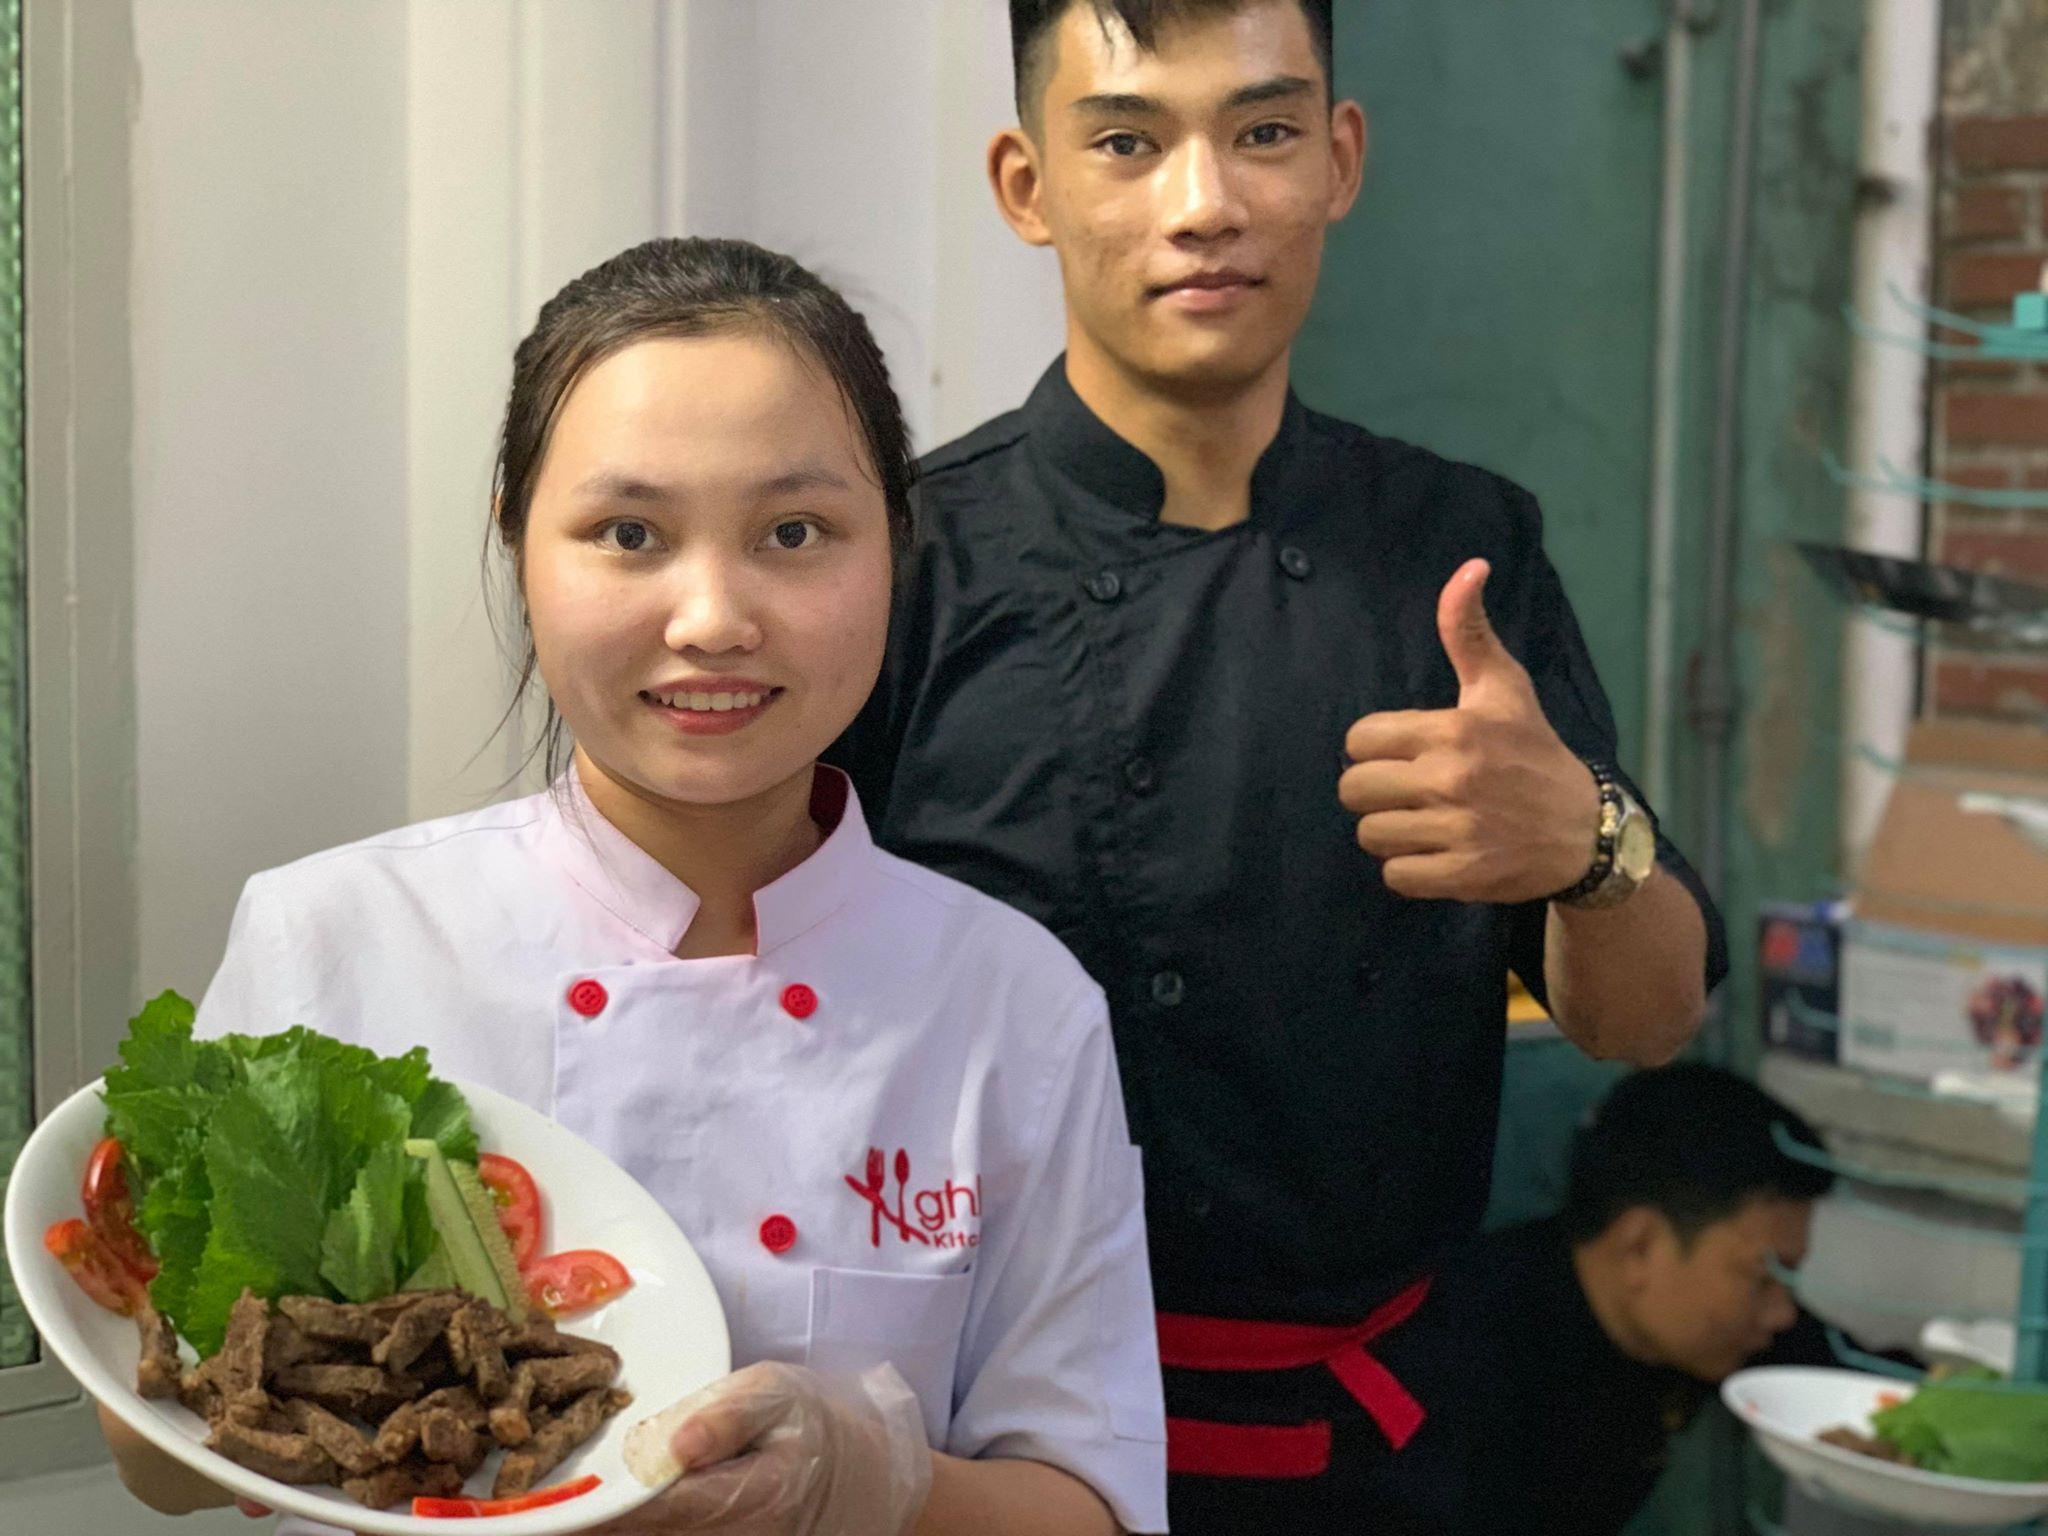 Nhân viên dịch vụ nấu tiệc tại nhà hunifood luôn nở nụ cười trên môi